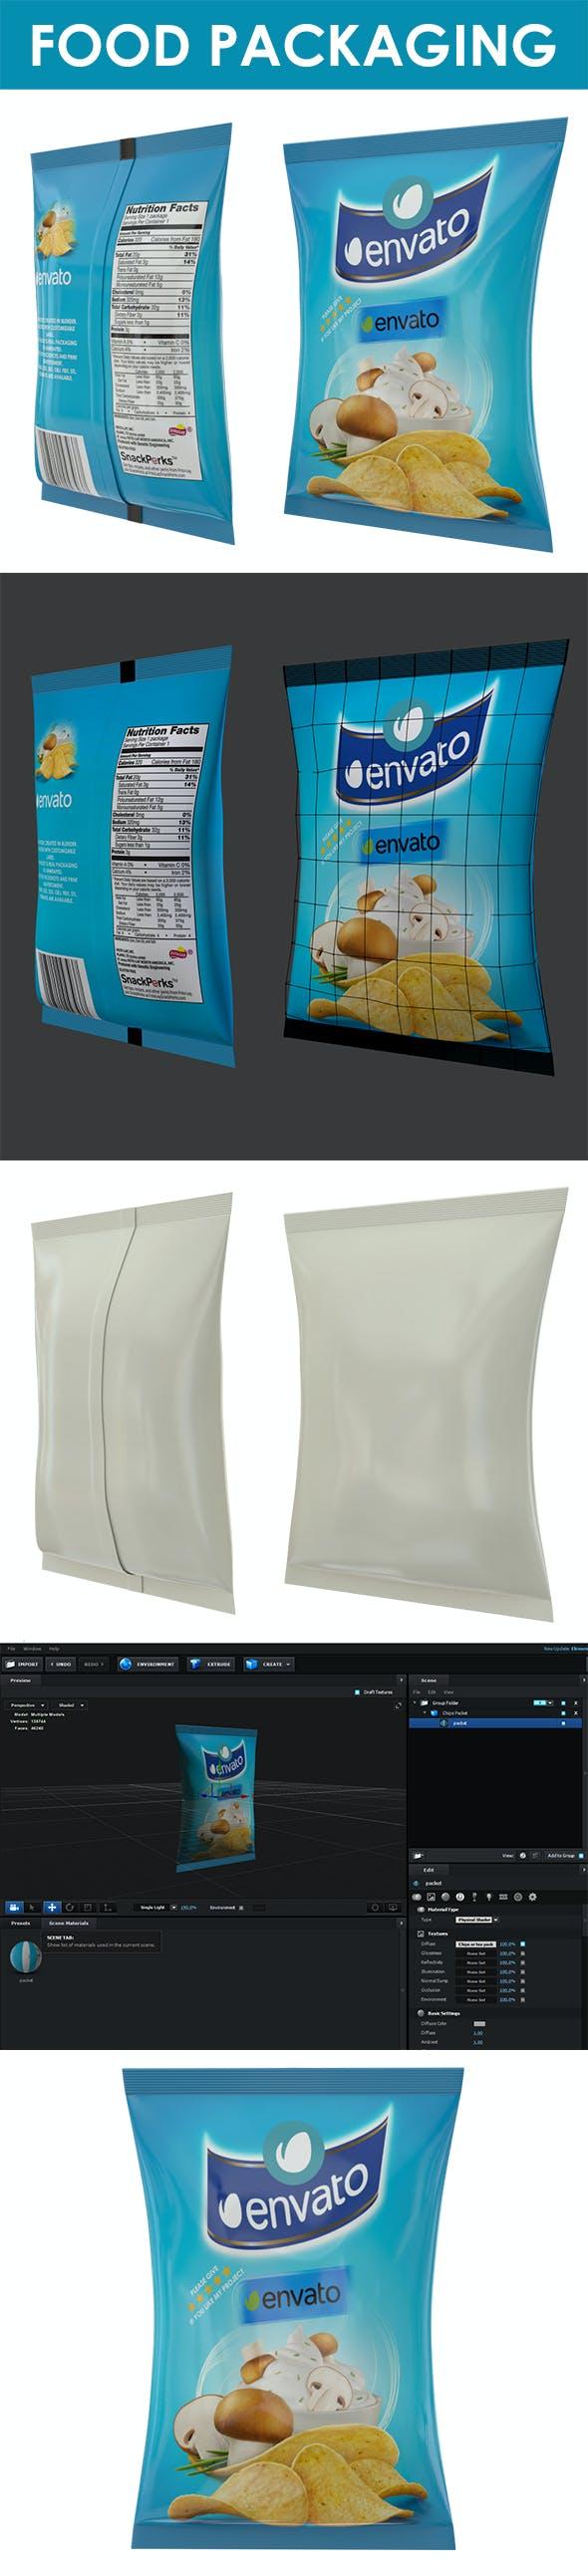 Food packaging - 3DOcean Item for Sale